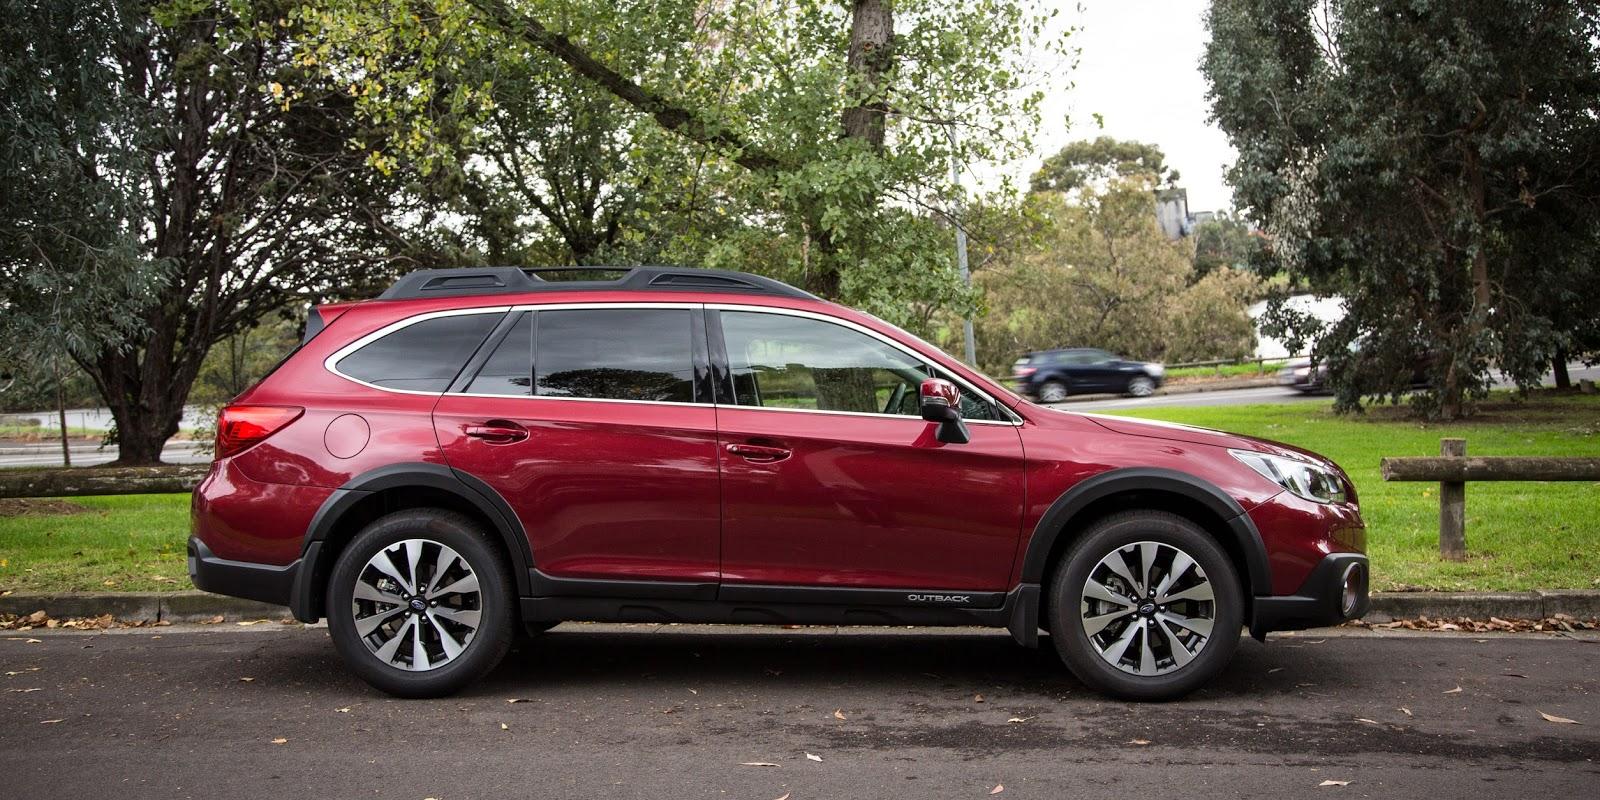 Là một chiếc xe cỡ lớn, nhưng chỉ có 5 chổ ngồi, nên Outback 2016 rất rộng